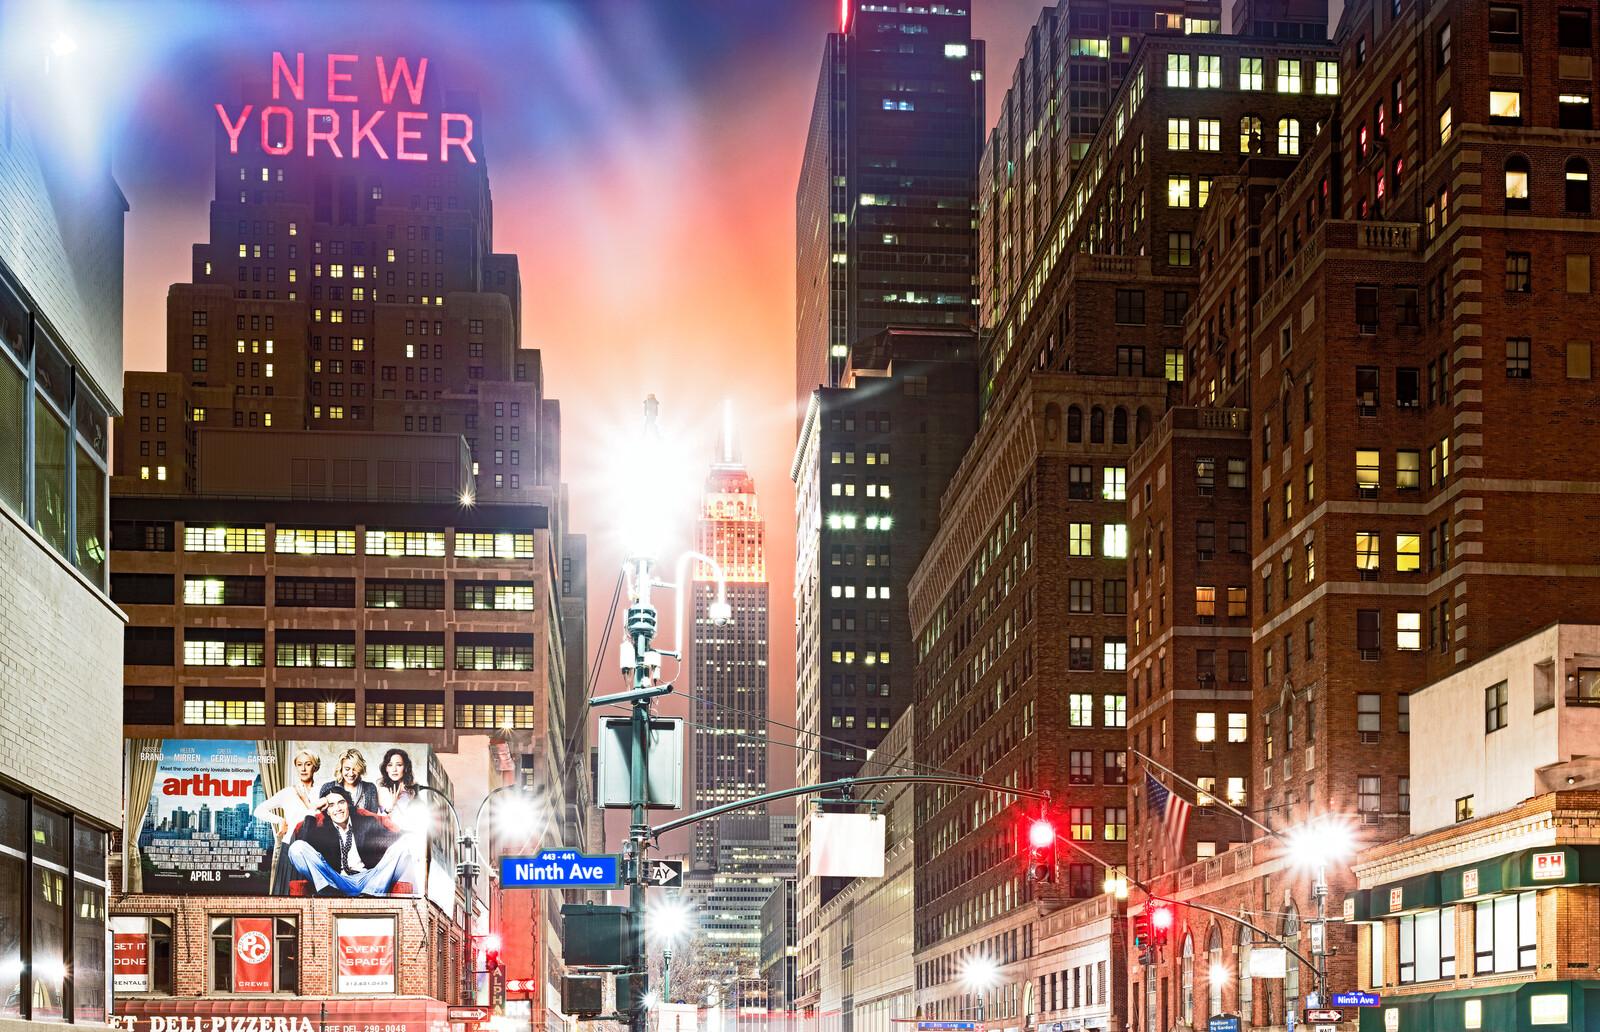 New Yorker I - Horst & Daniel  Zielske